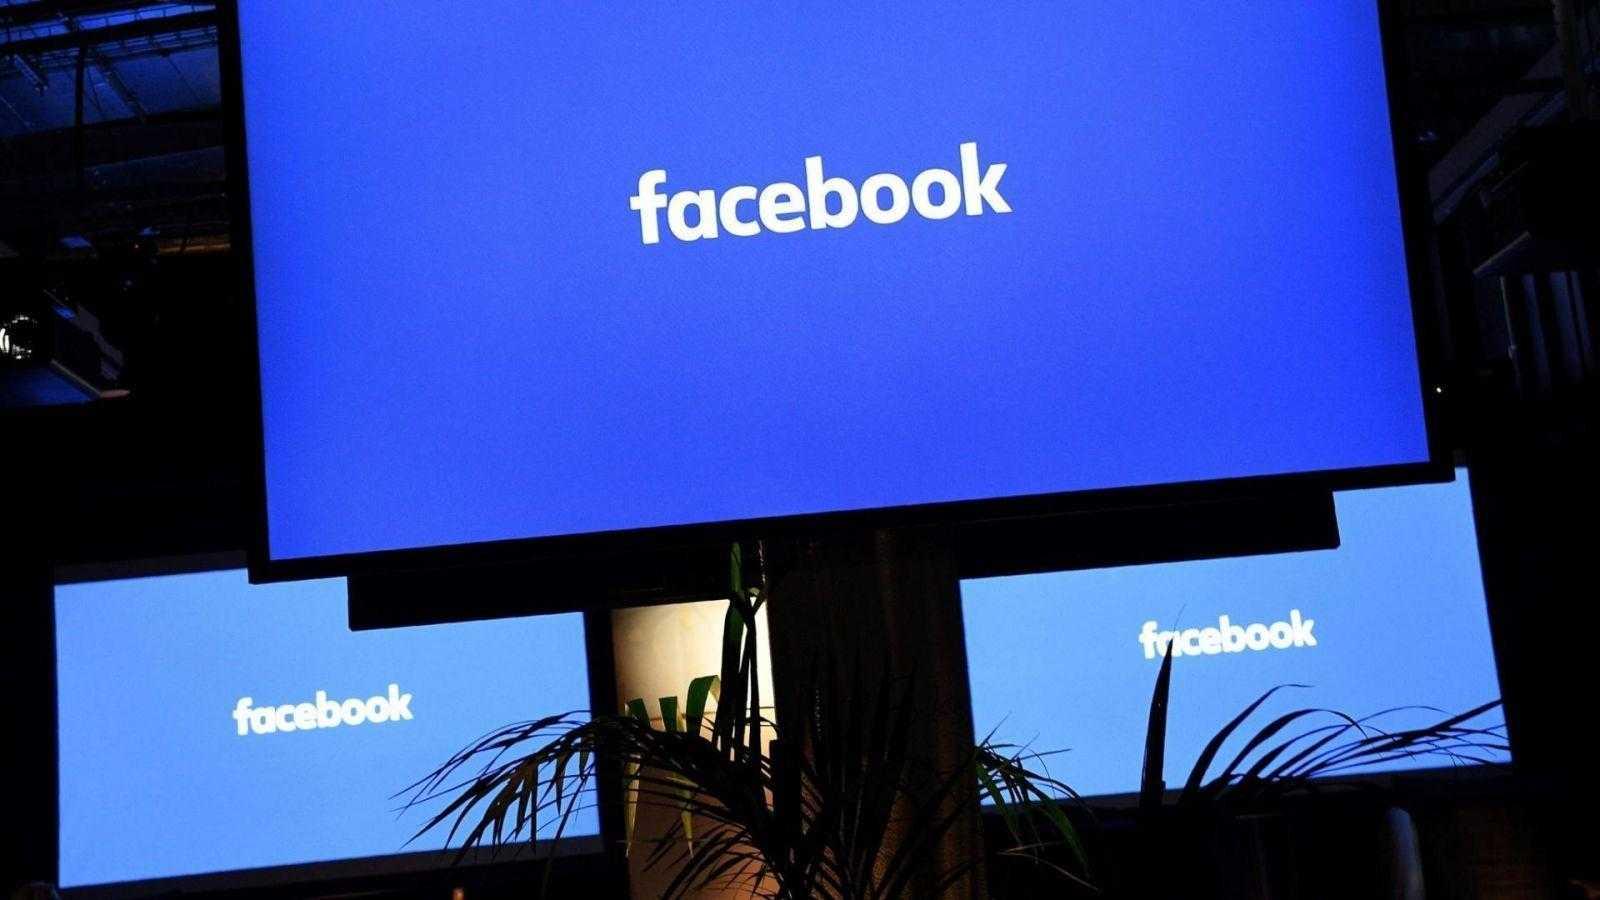 Германия хочет заставить Facebook прекратить сбор данных пользователей